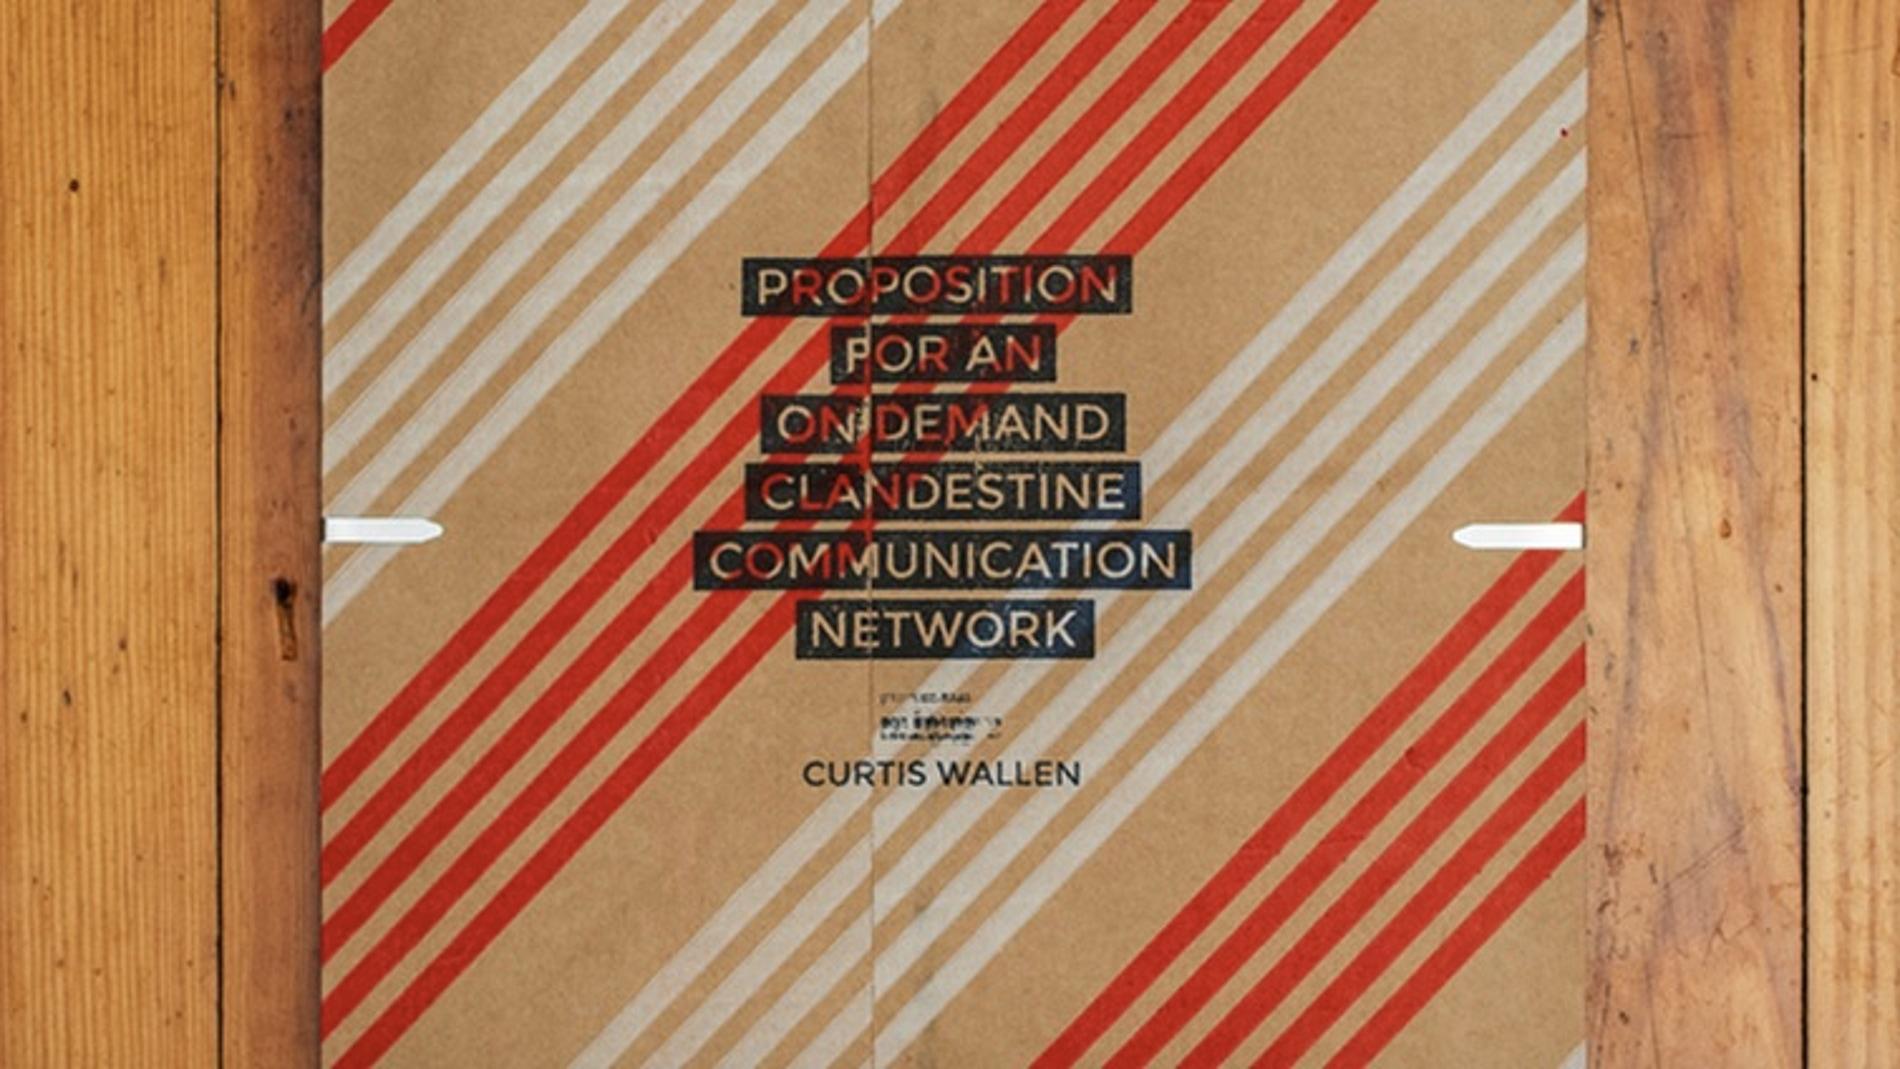 Imagen de la exposición de Curtis Wallen en EEUU